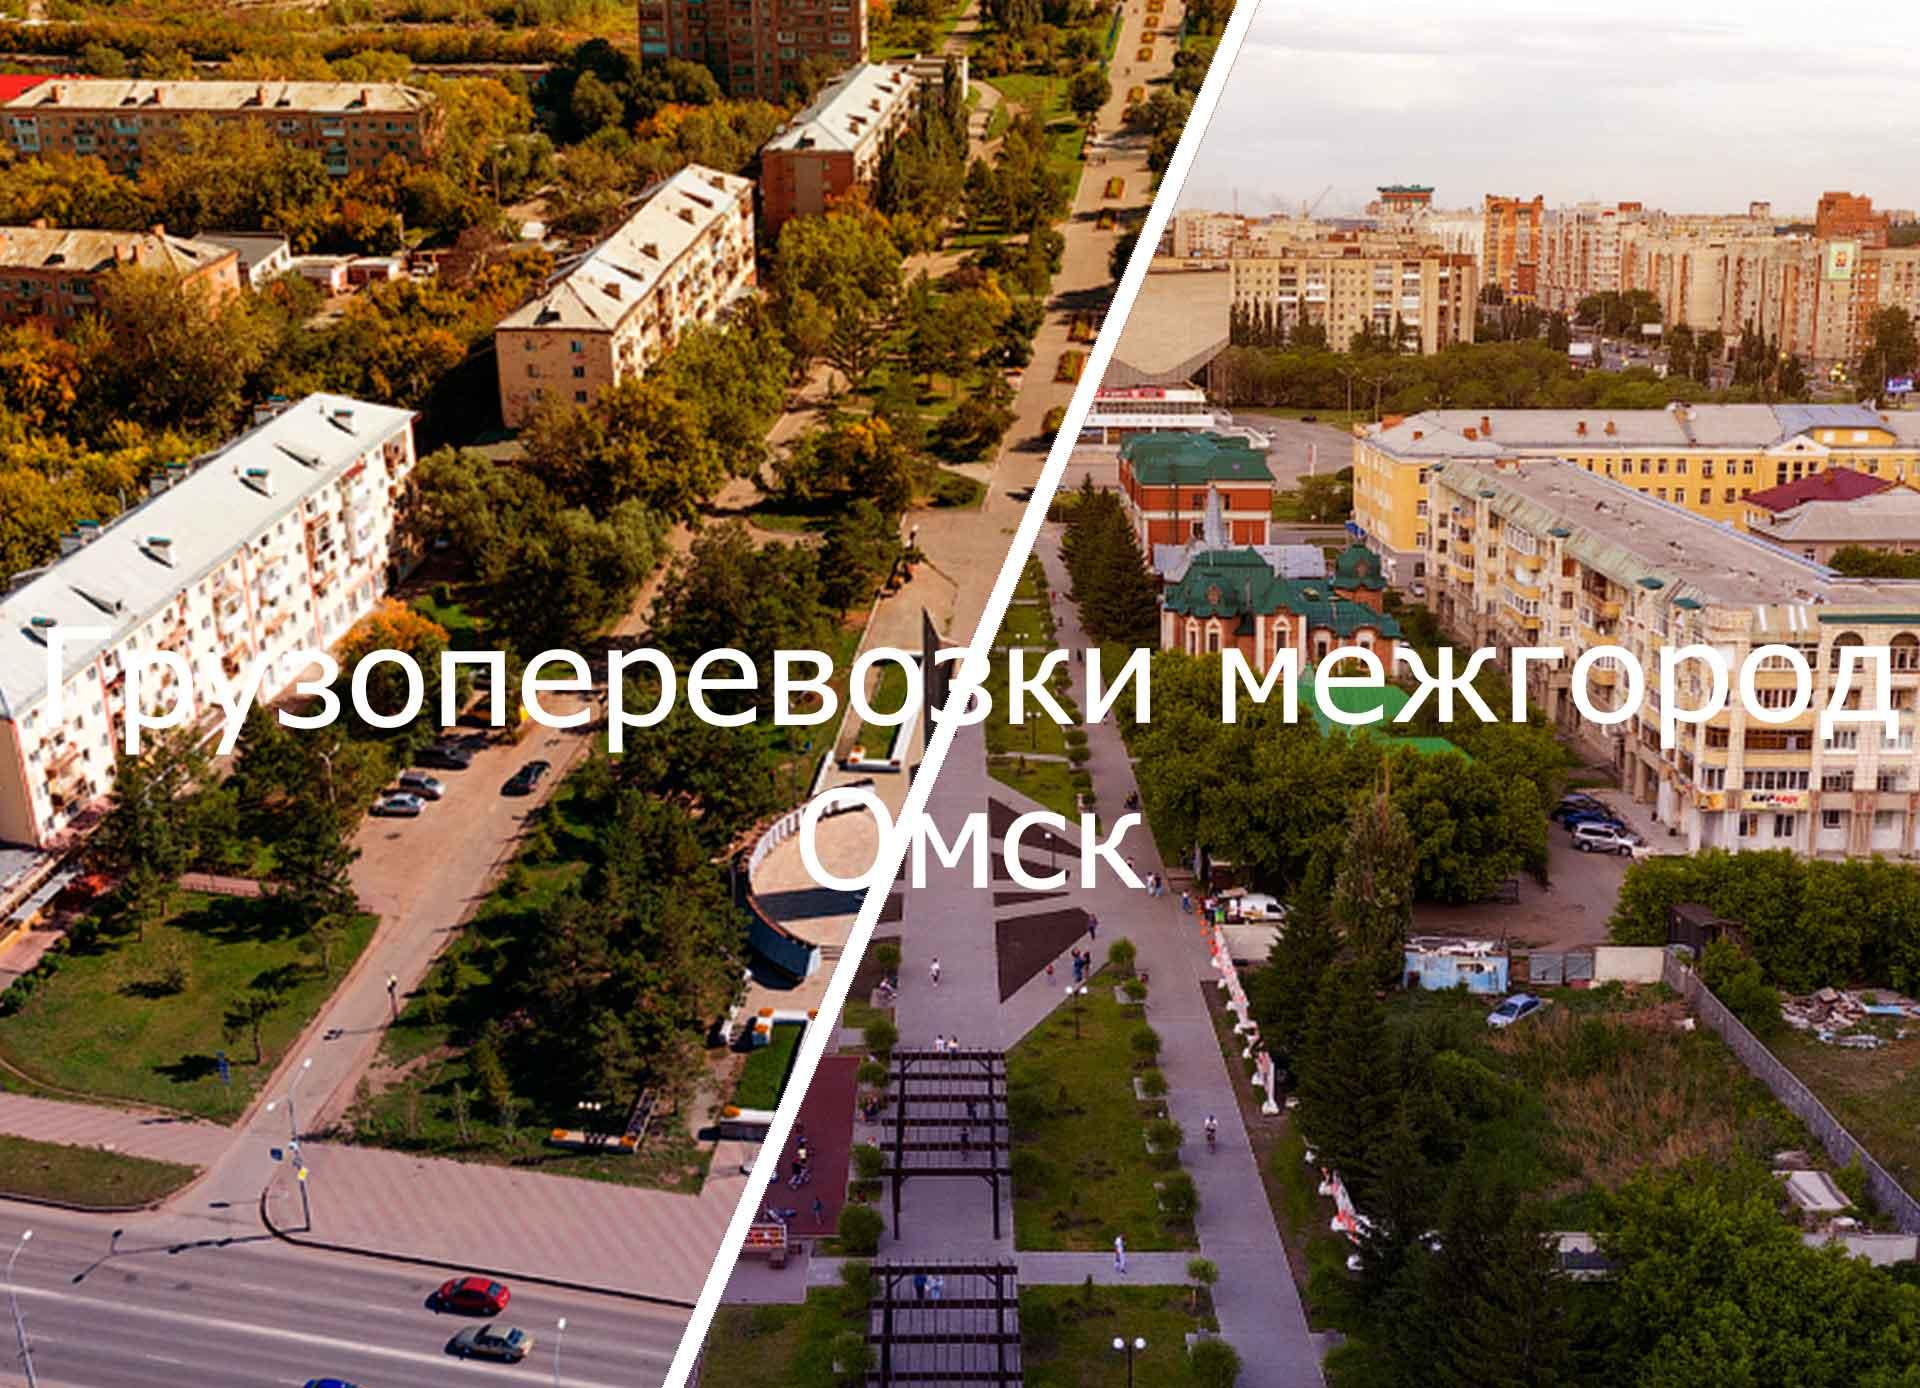 грузоперевозки межгород омск